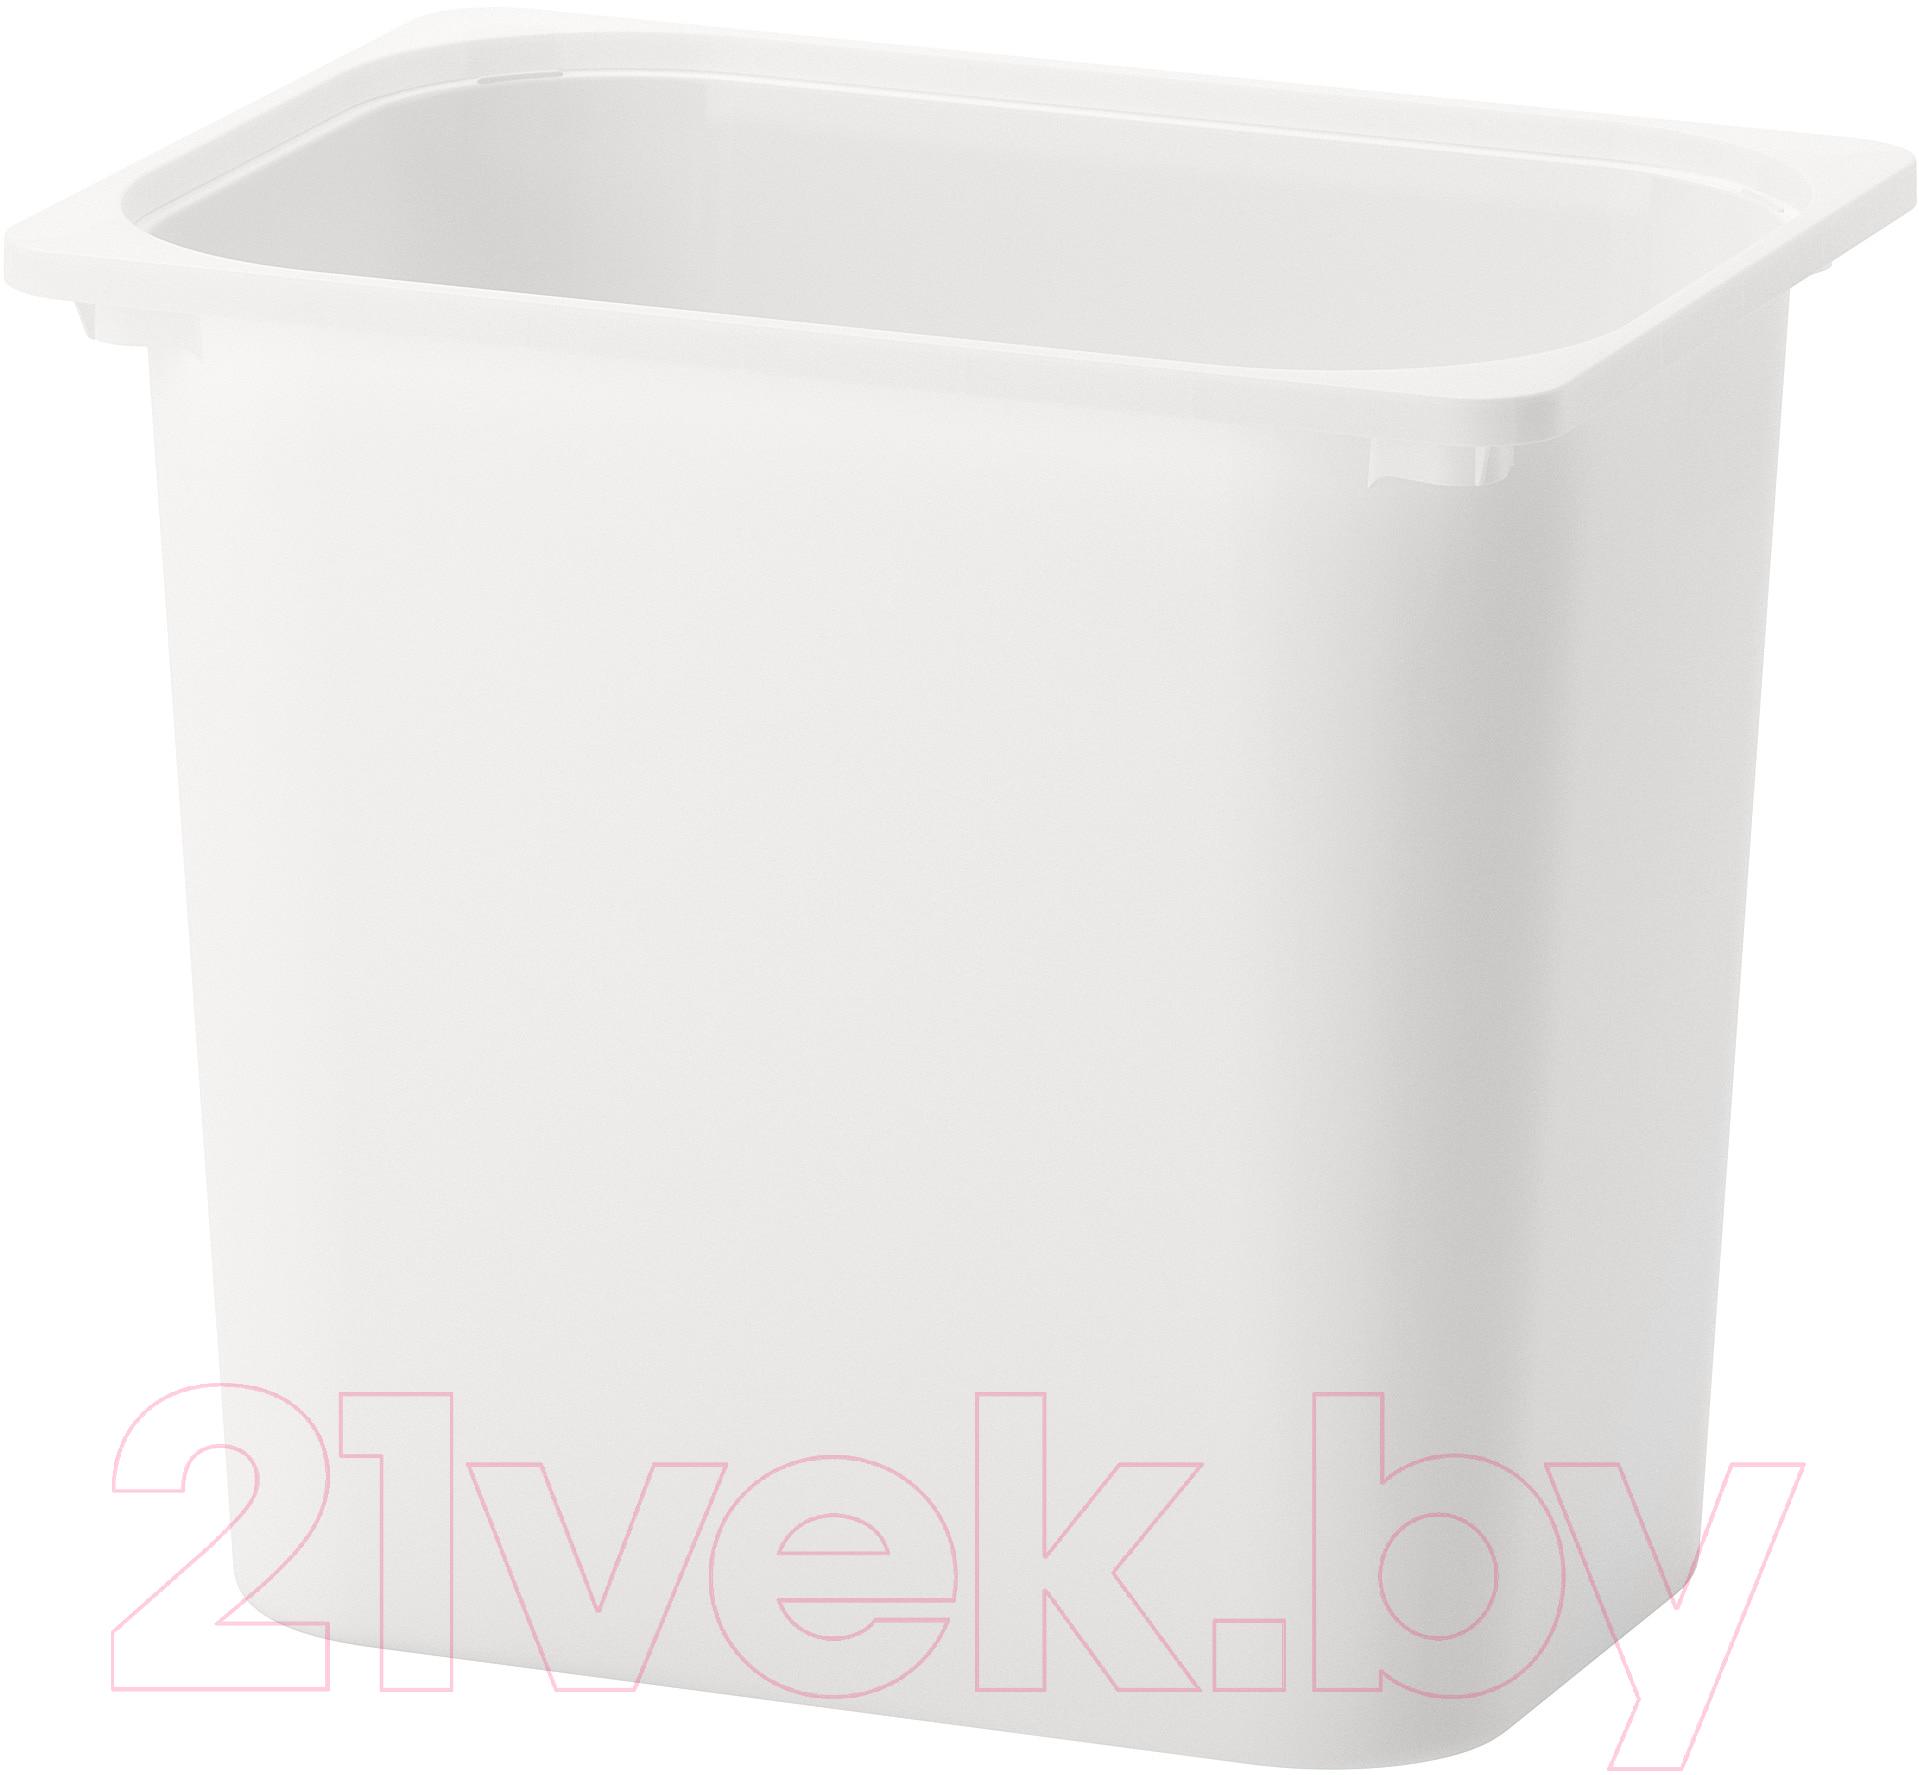 Купить Ящик для хранения Ikea, Труфаст 303.660.31, Польша, пластик